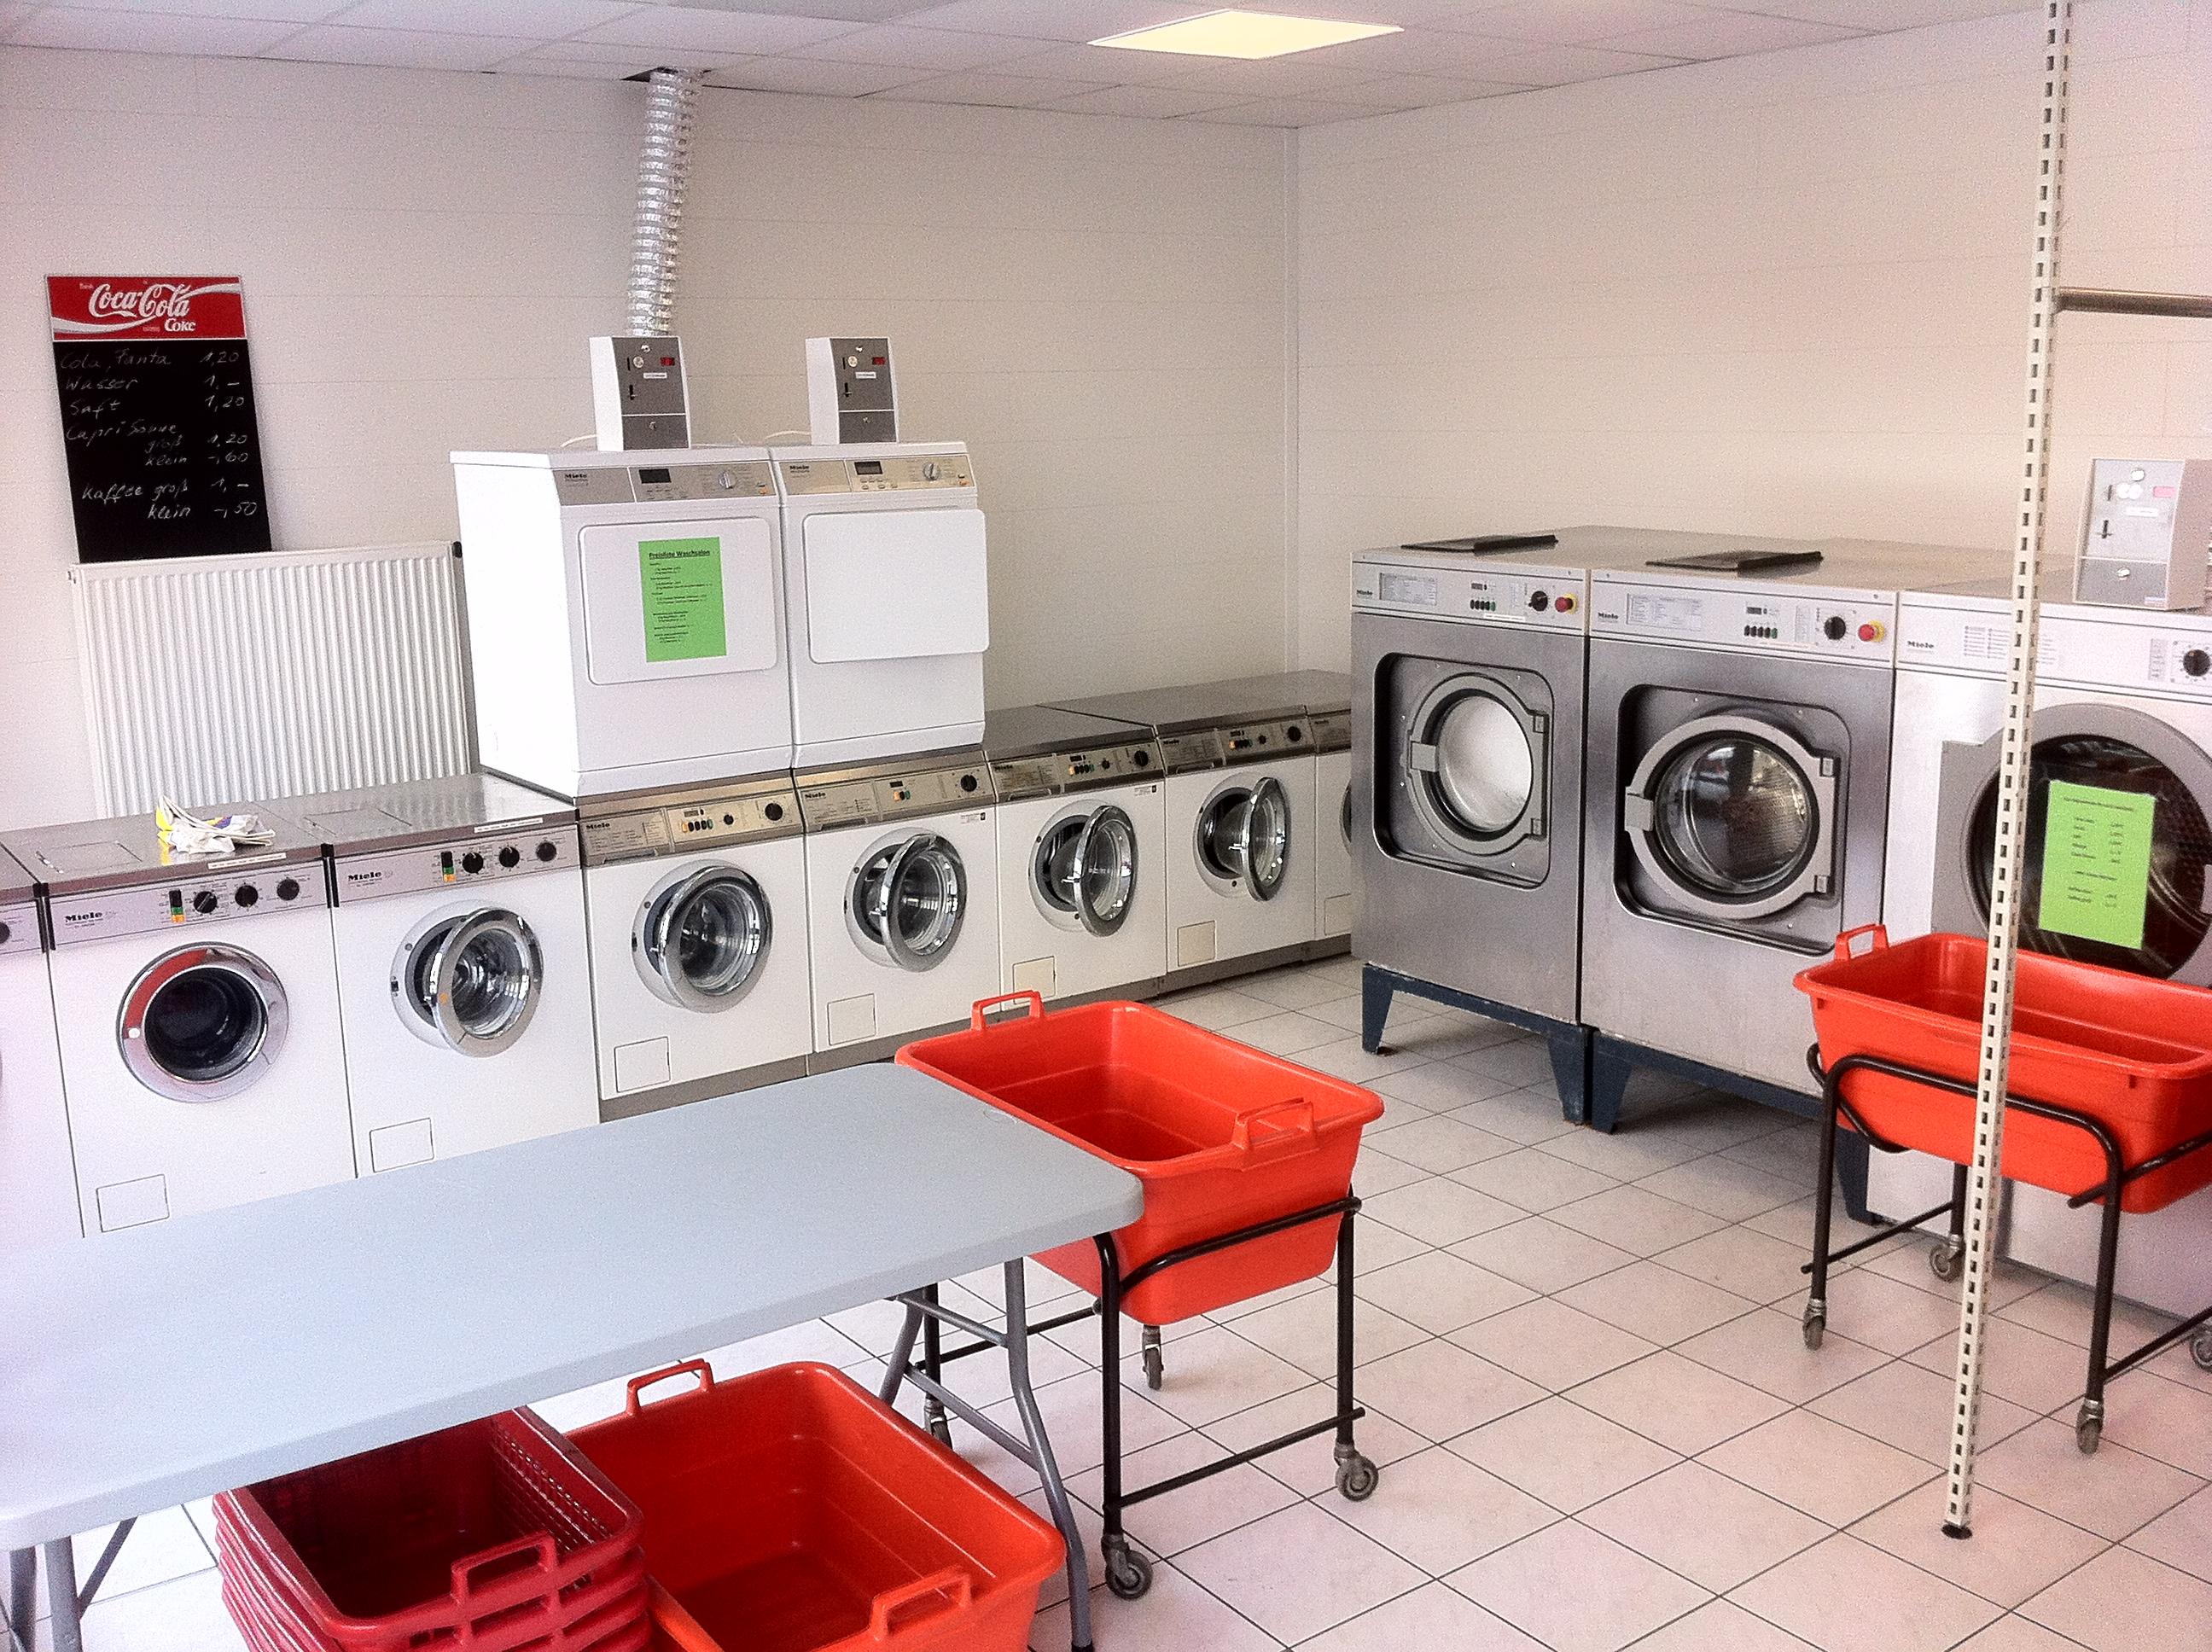 tip top reinigung waschsalon hanau tip top reinigung waschsalon hanau. Black Bedroom Furniture Sets. Home Design Ideas